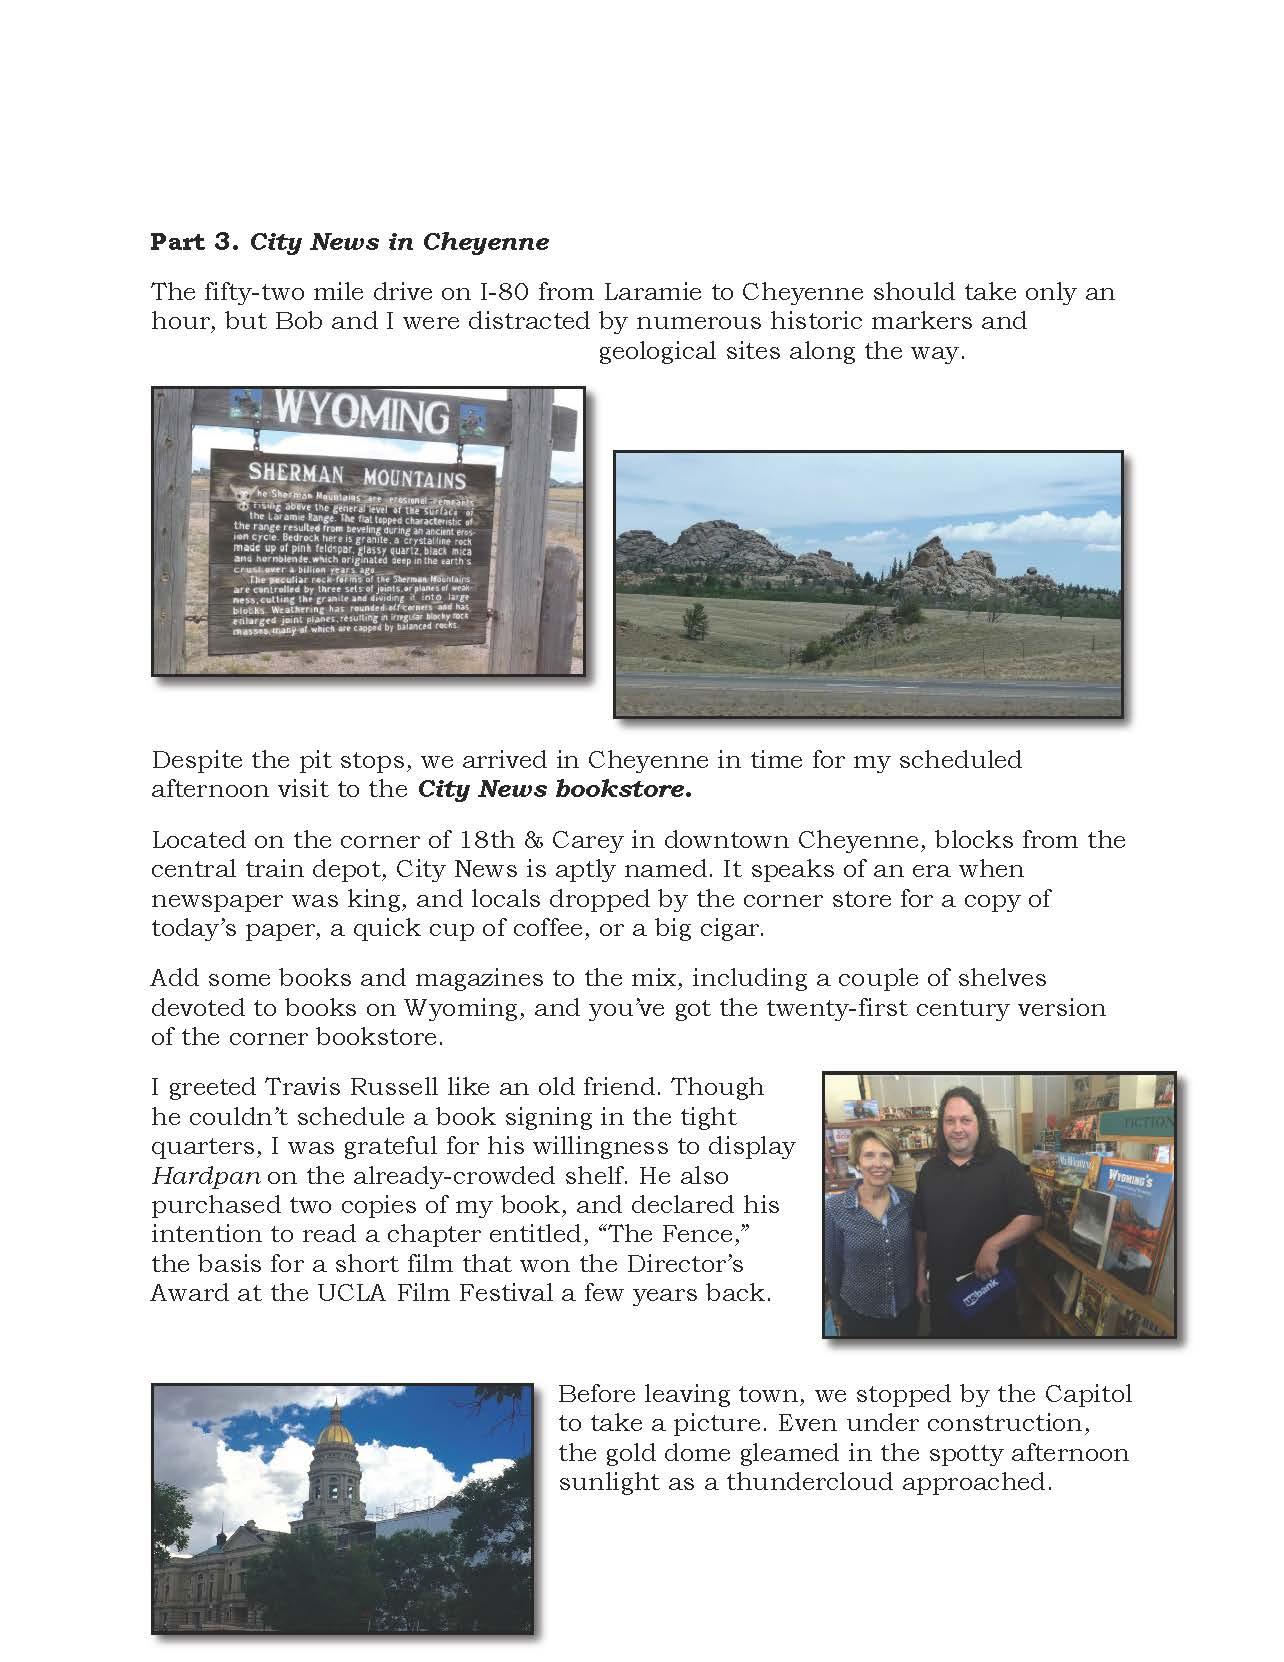 wyoming-book-tour-master-rev-10-23-16-1_page_05